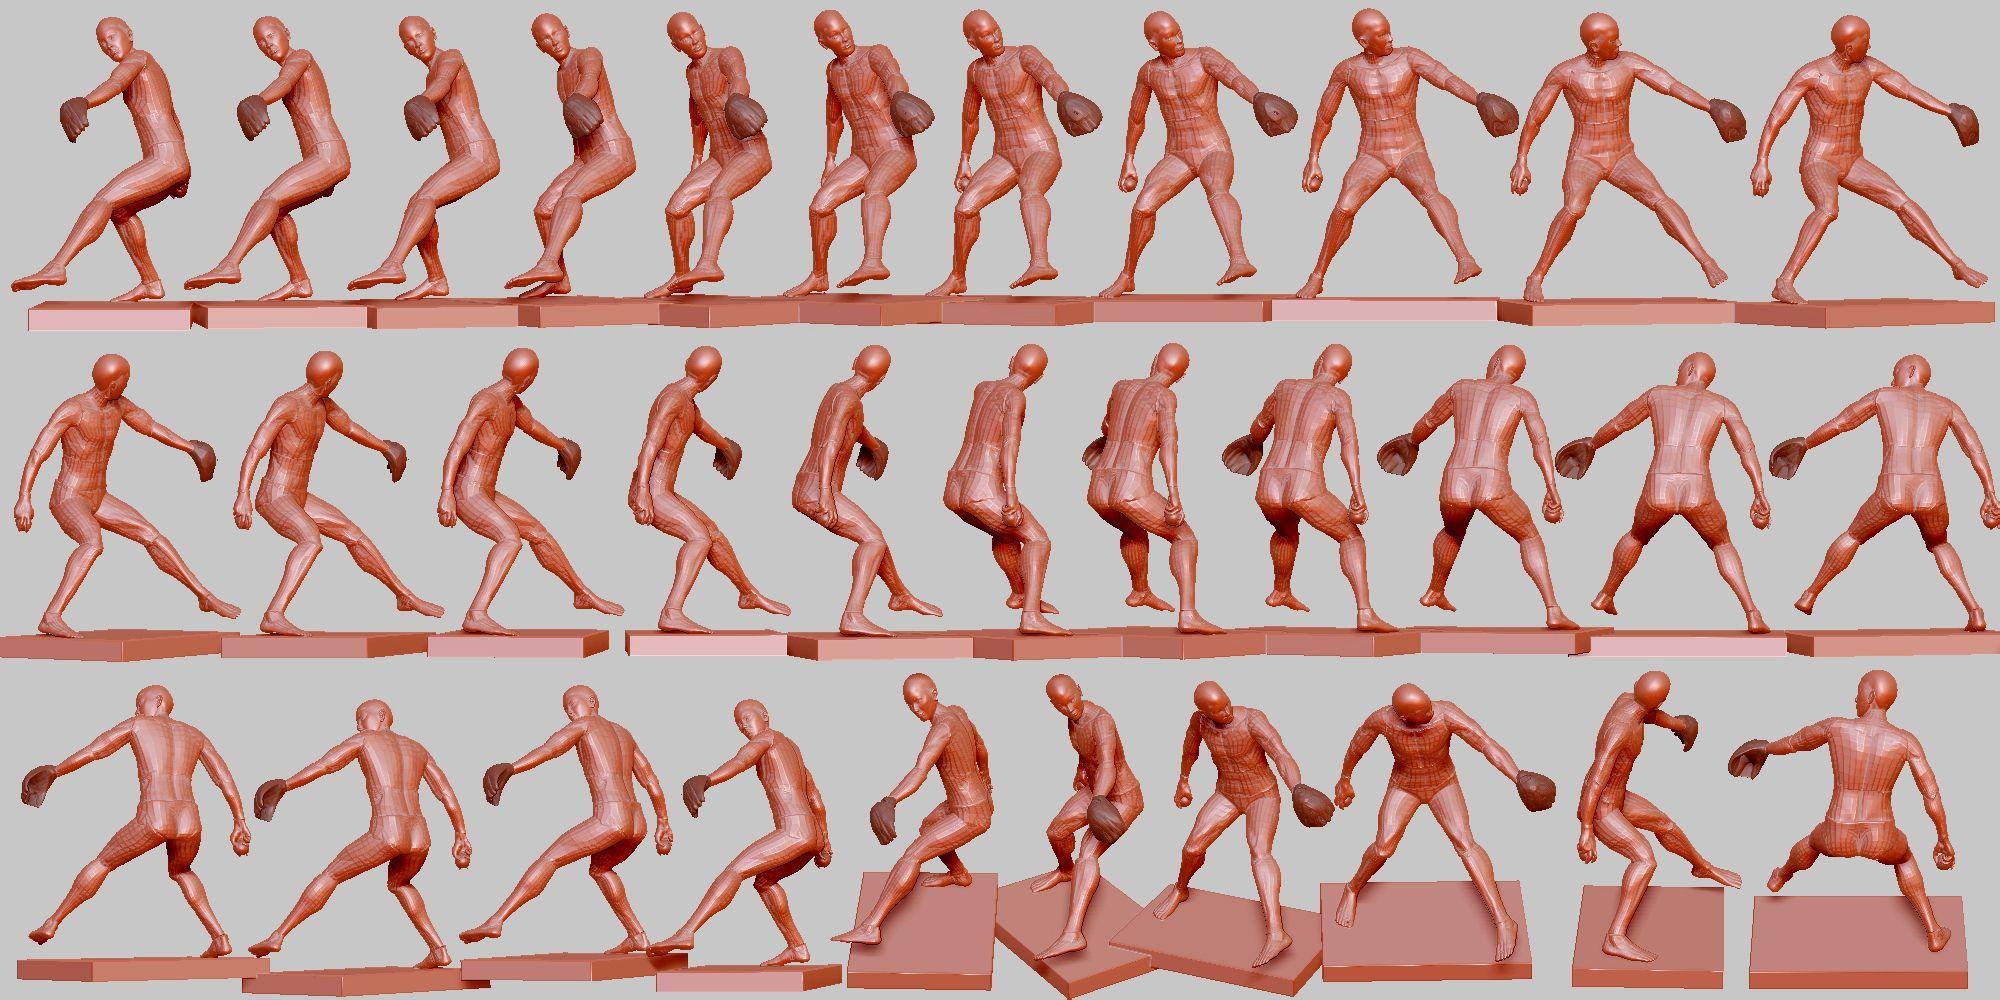 f:id:oosaji:20200502162011j:plain